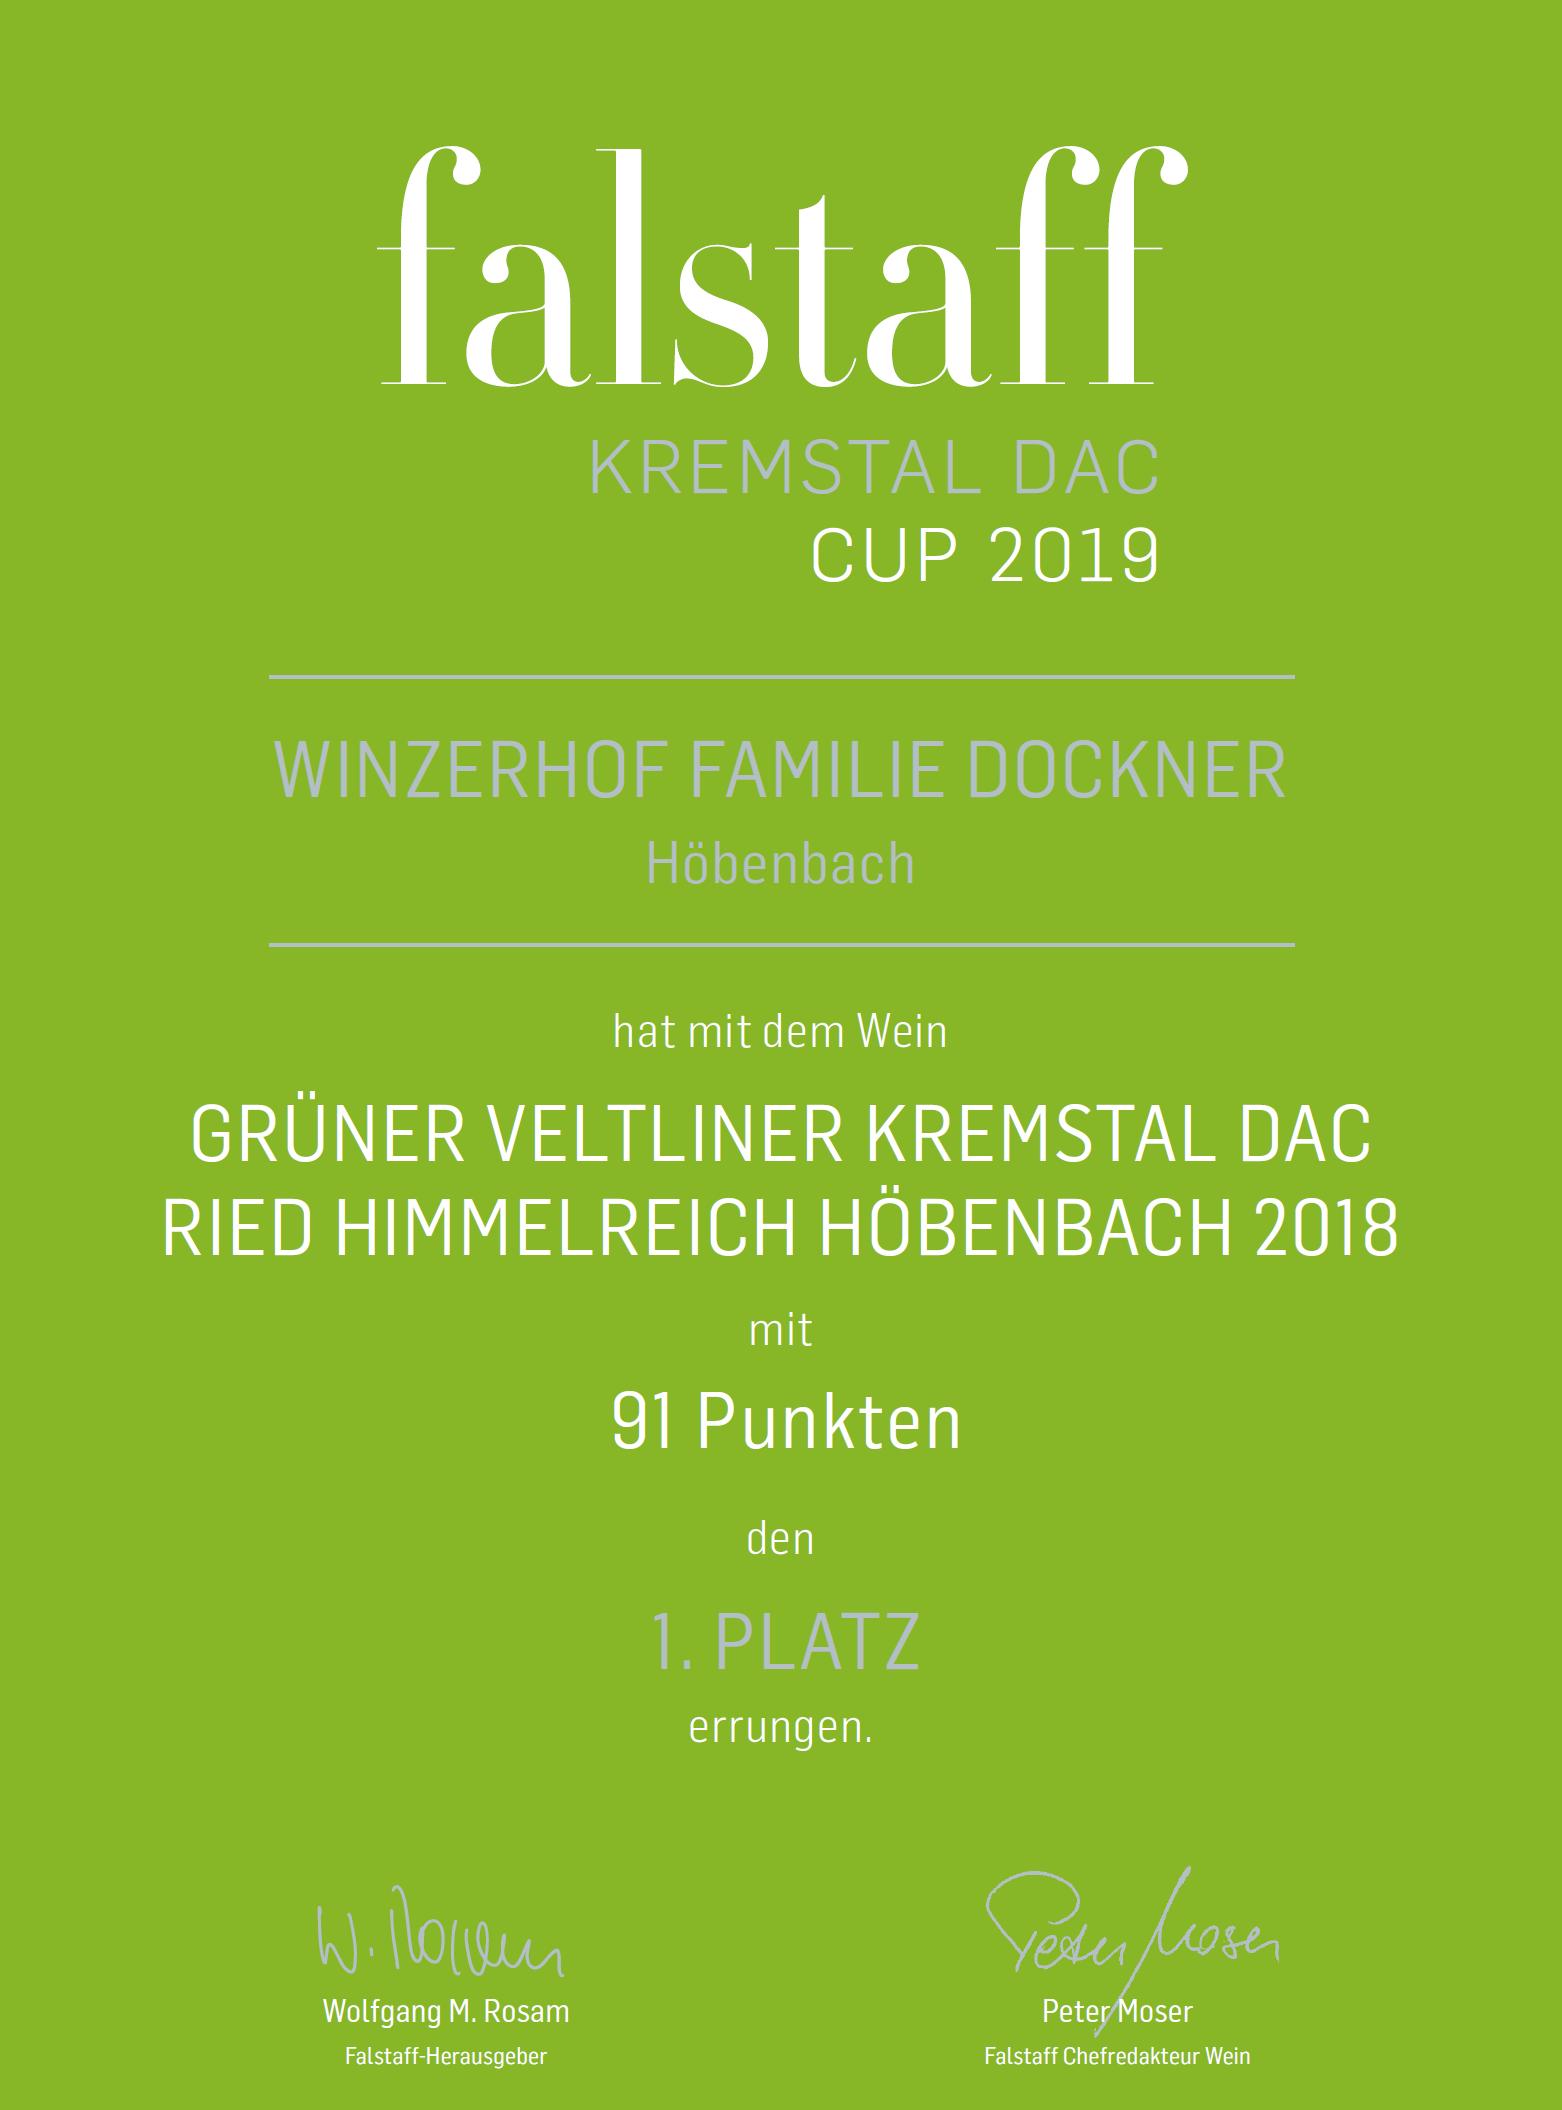 Urkunde Falstaff DAC Cup.png